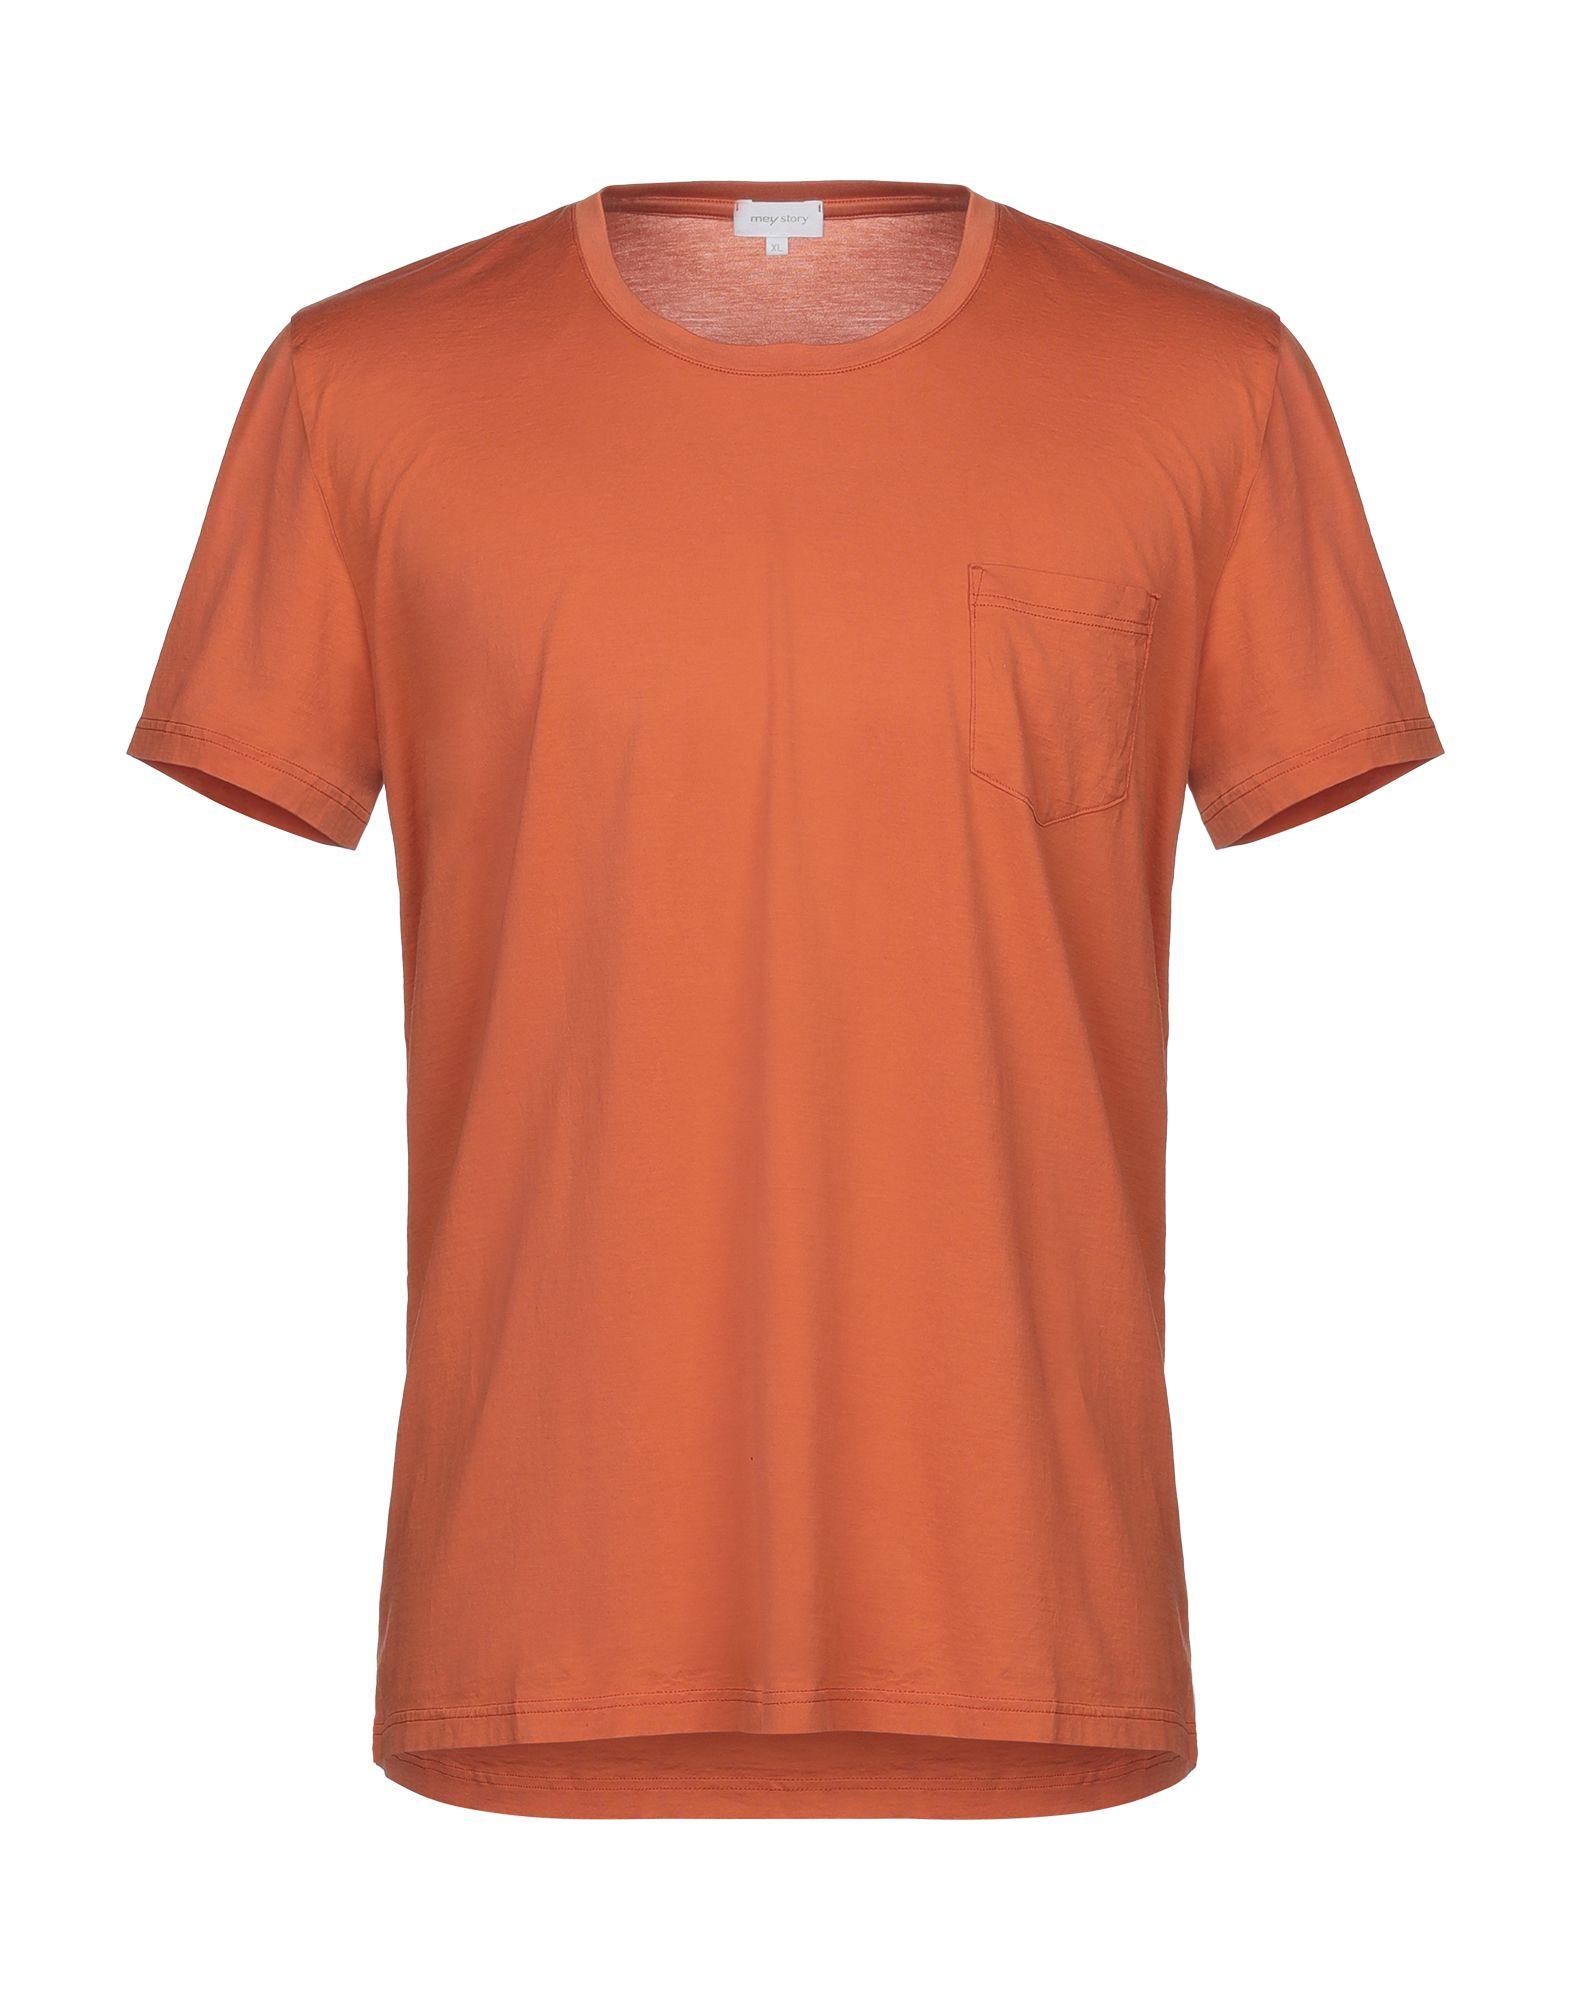 《セール開催中》MEY STORY メンズ T シャツ オレンジ XL コットン 100%